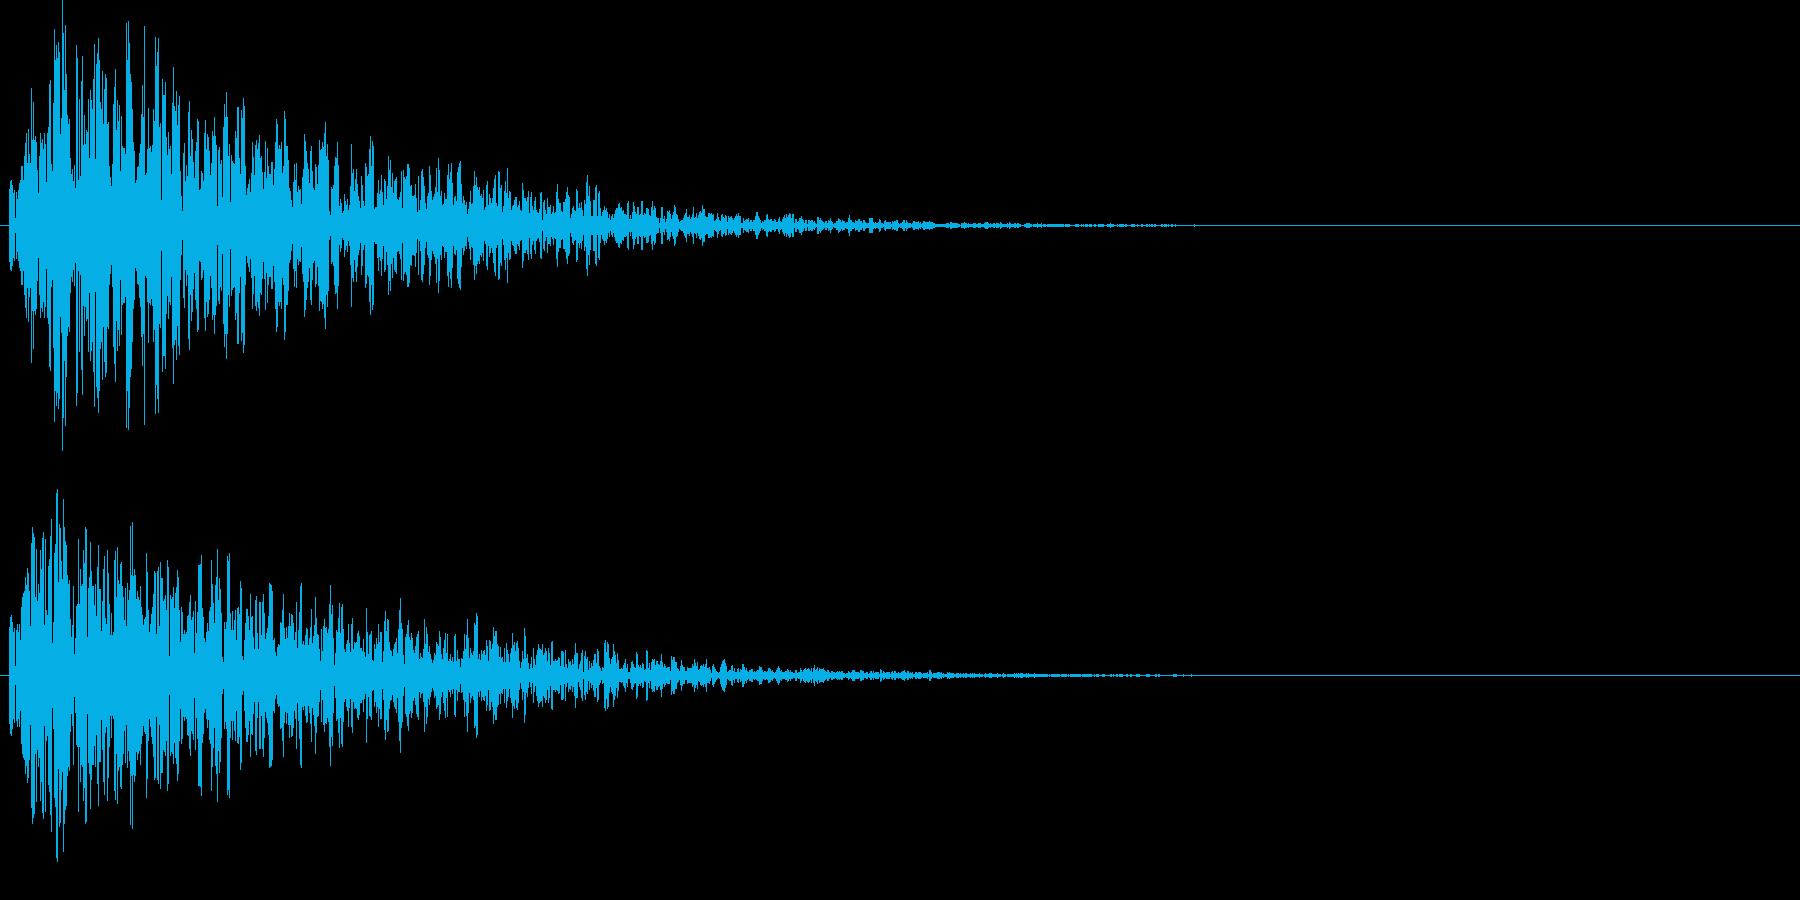 ボカーン。爆弾などの爆発音Bの再生済みの波形